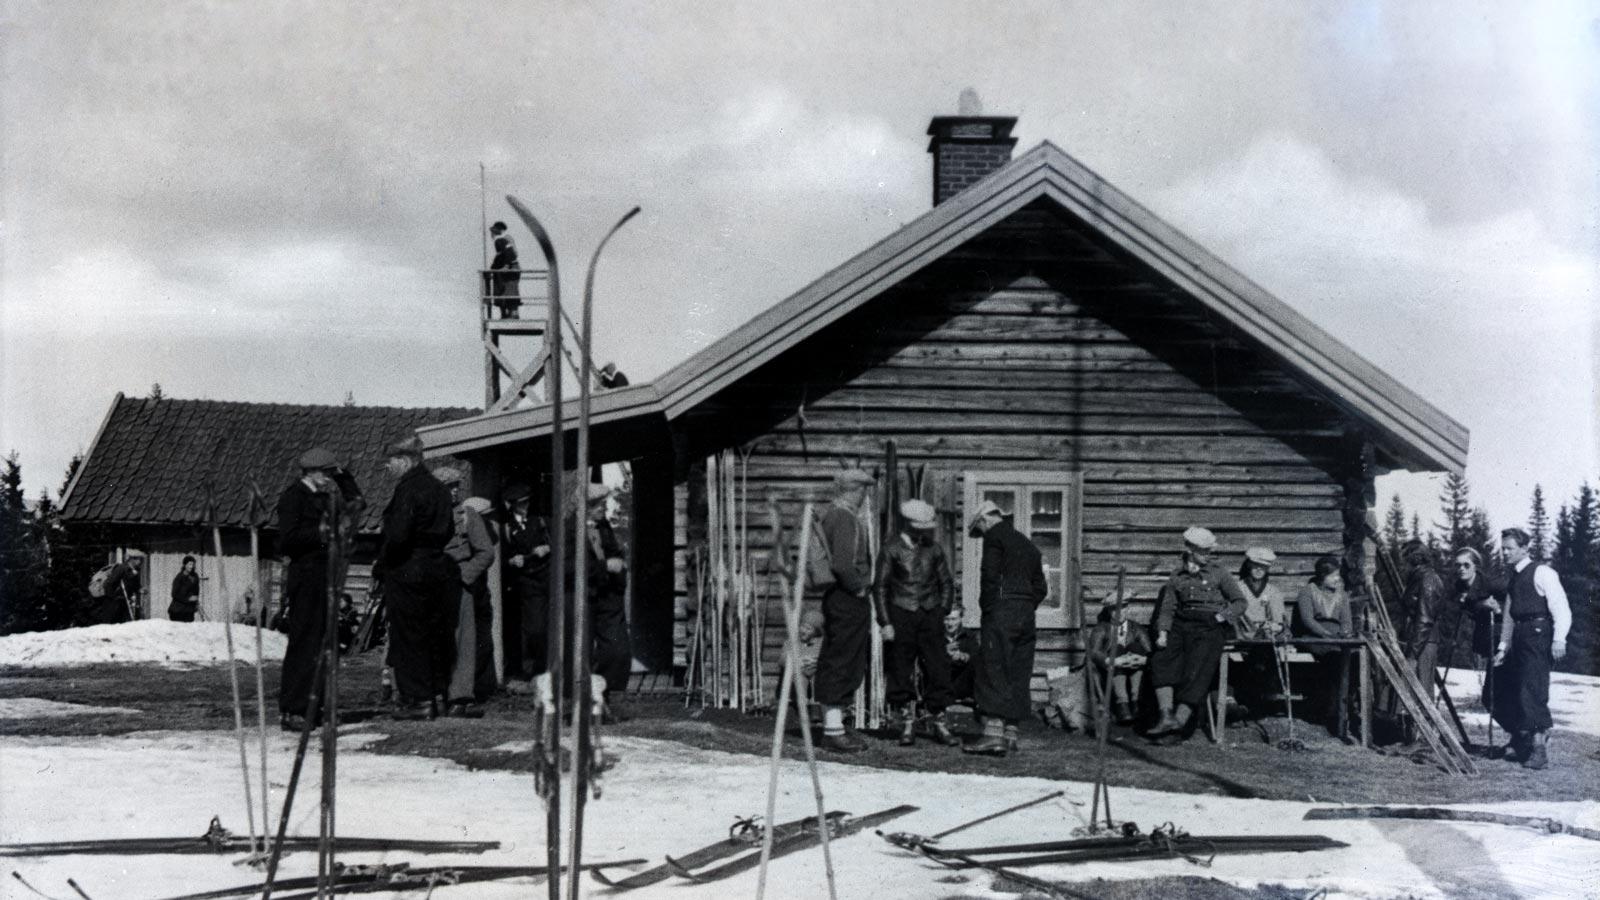 Utfartssted, Søndre Land